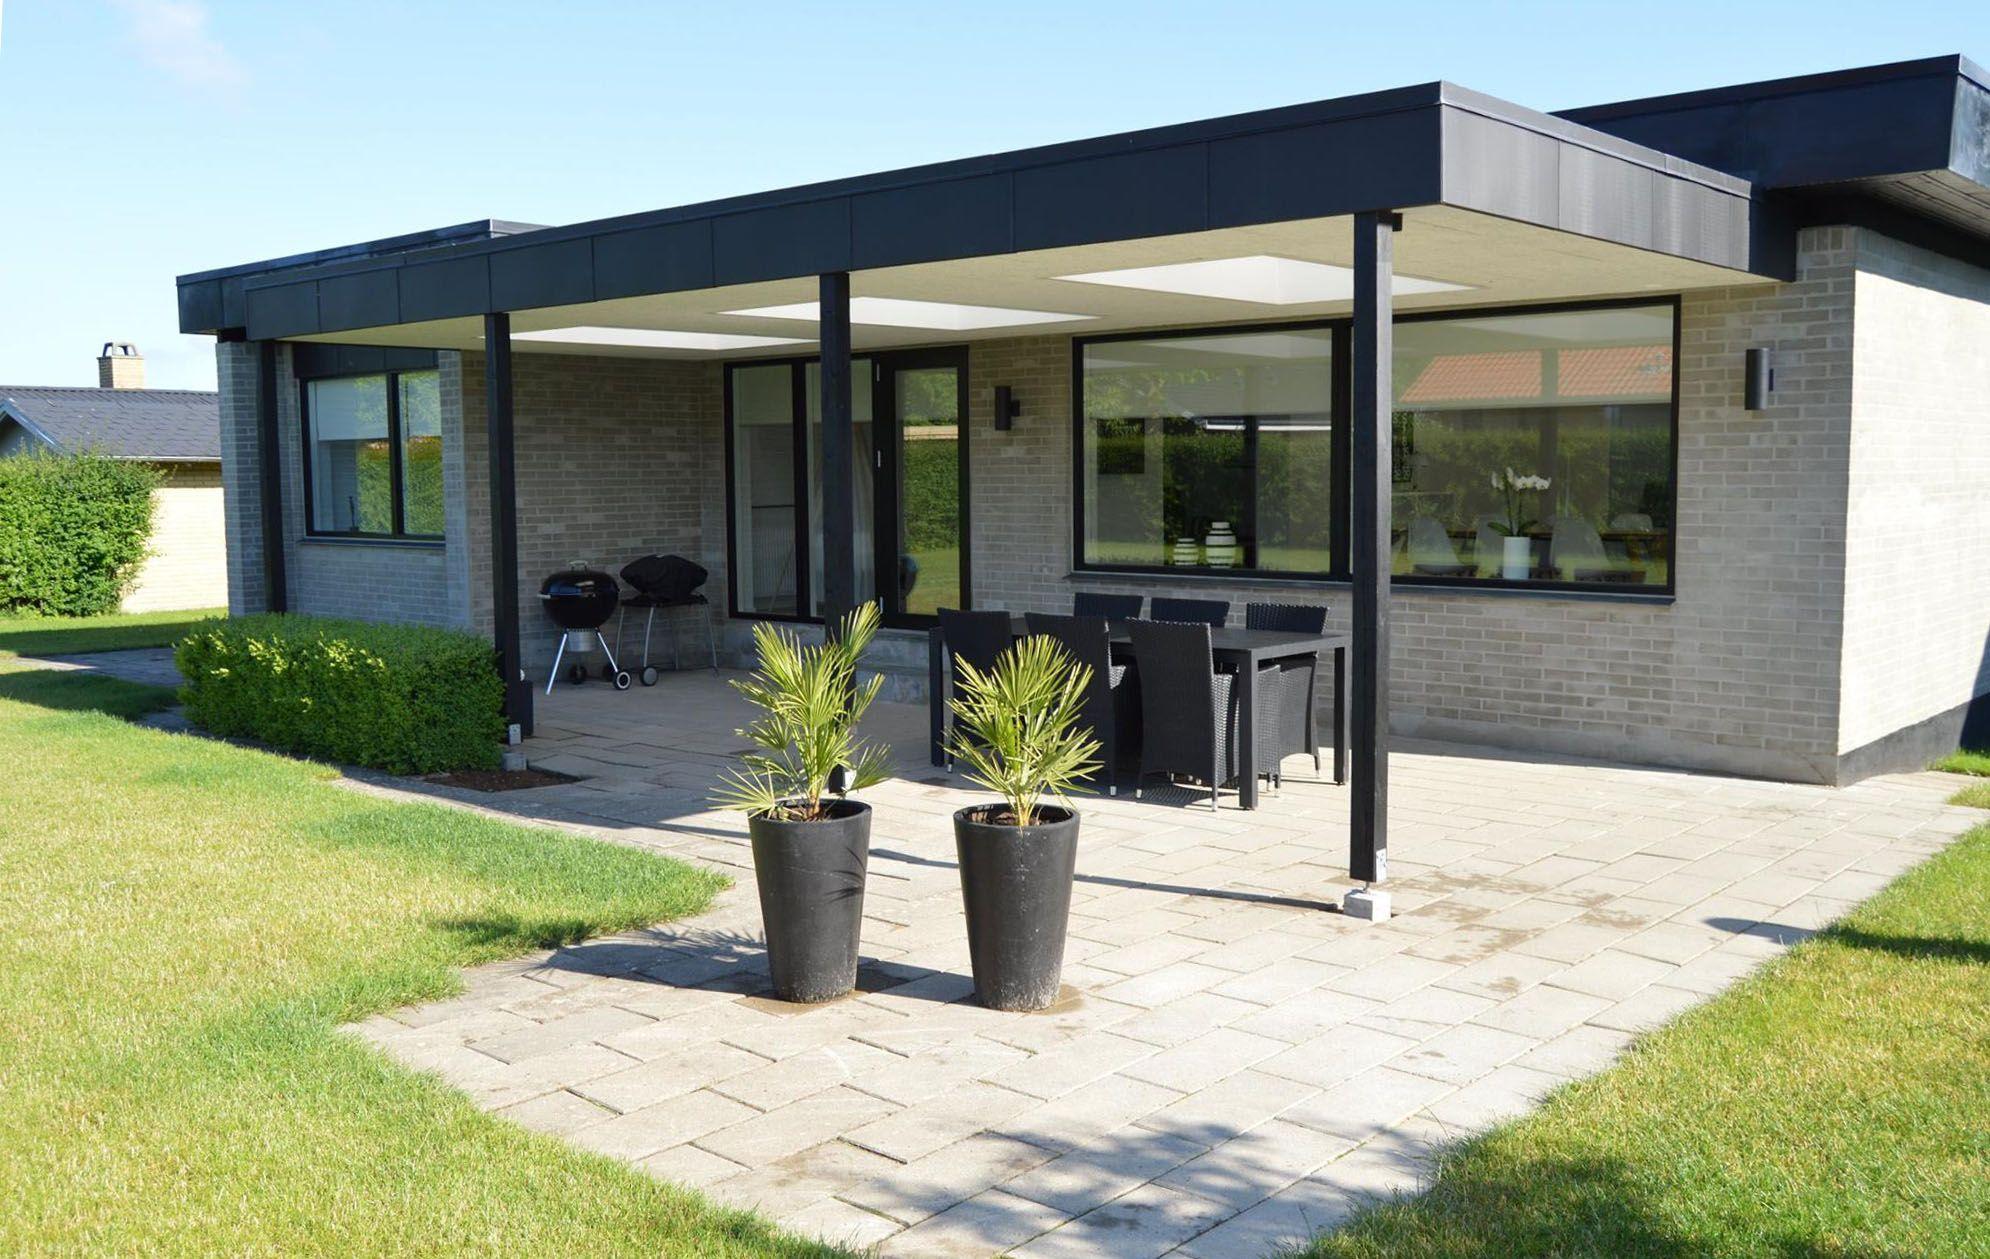 Fin overdækket terrasse tømrer   előtető   Terrasse ideer, Terrasse og IJ-37